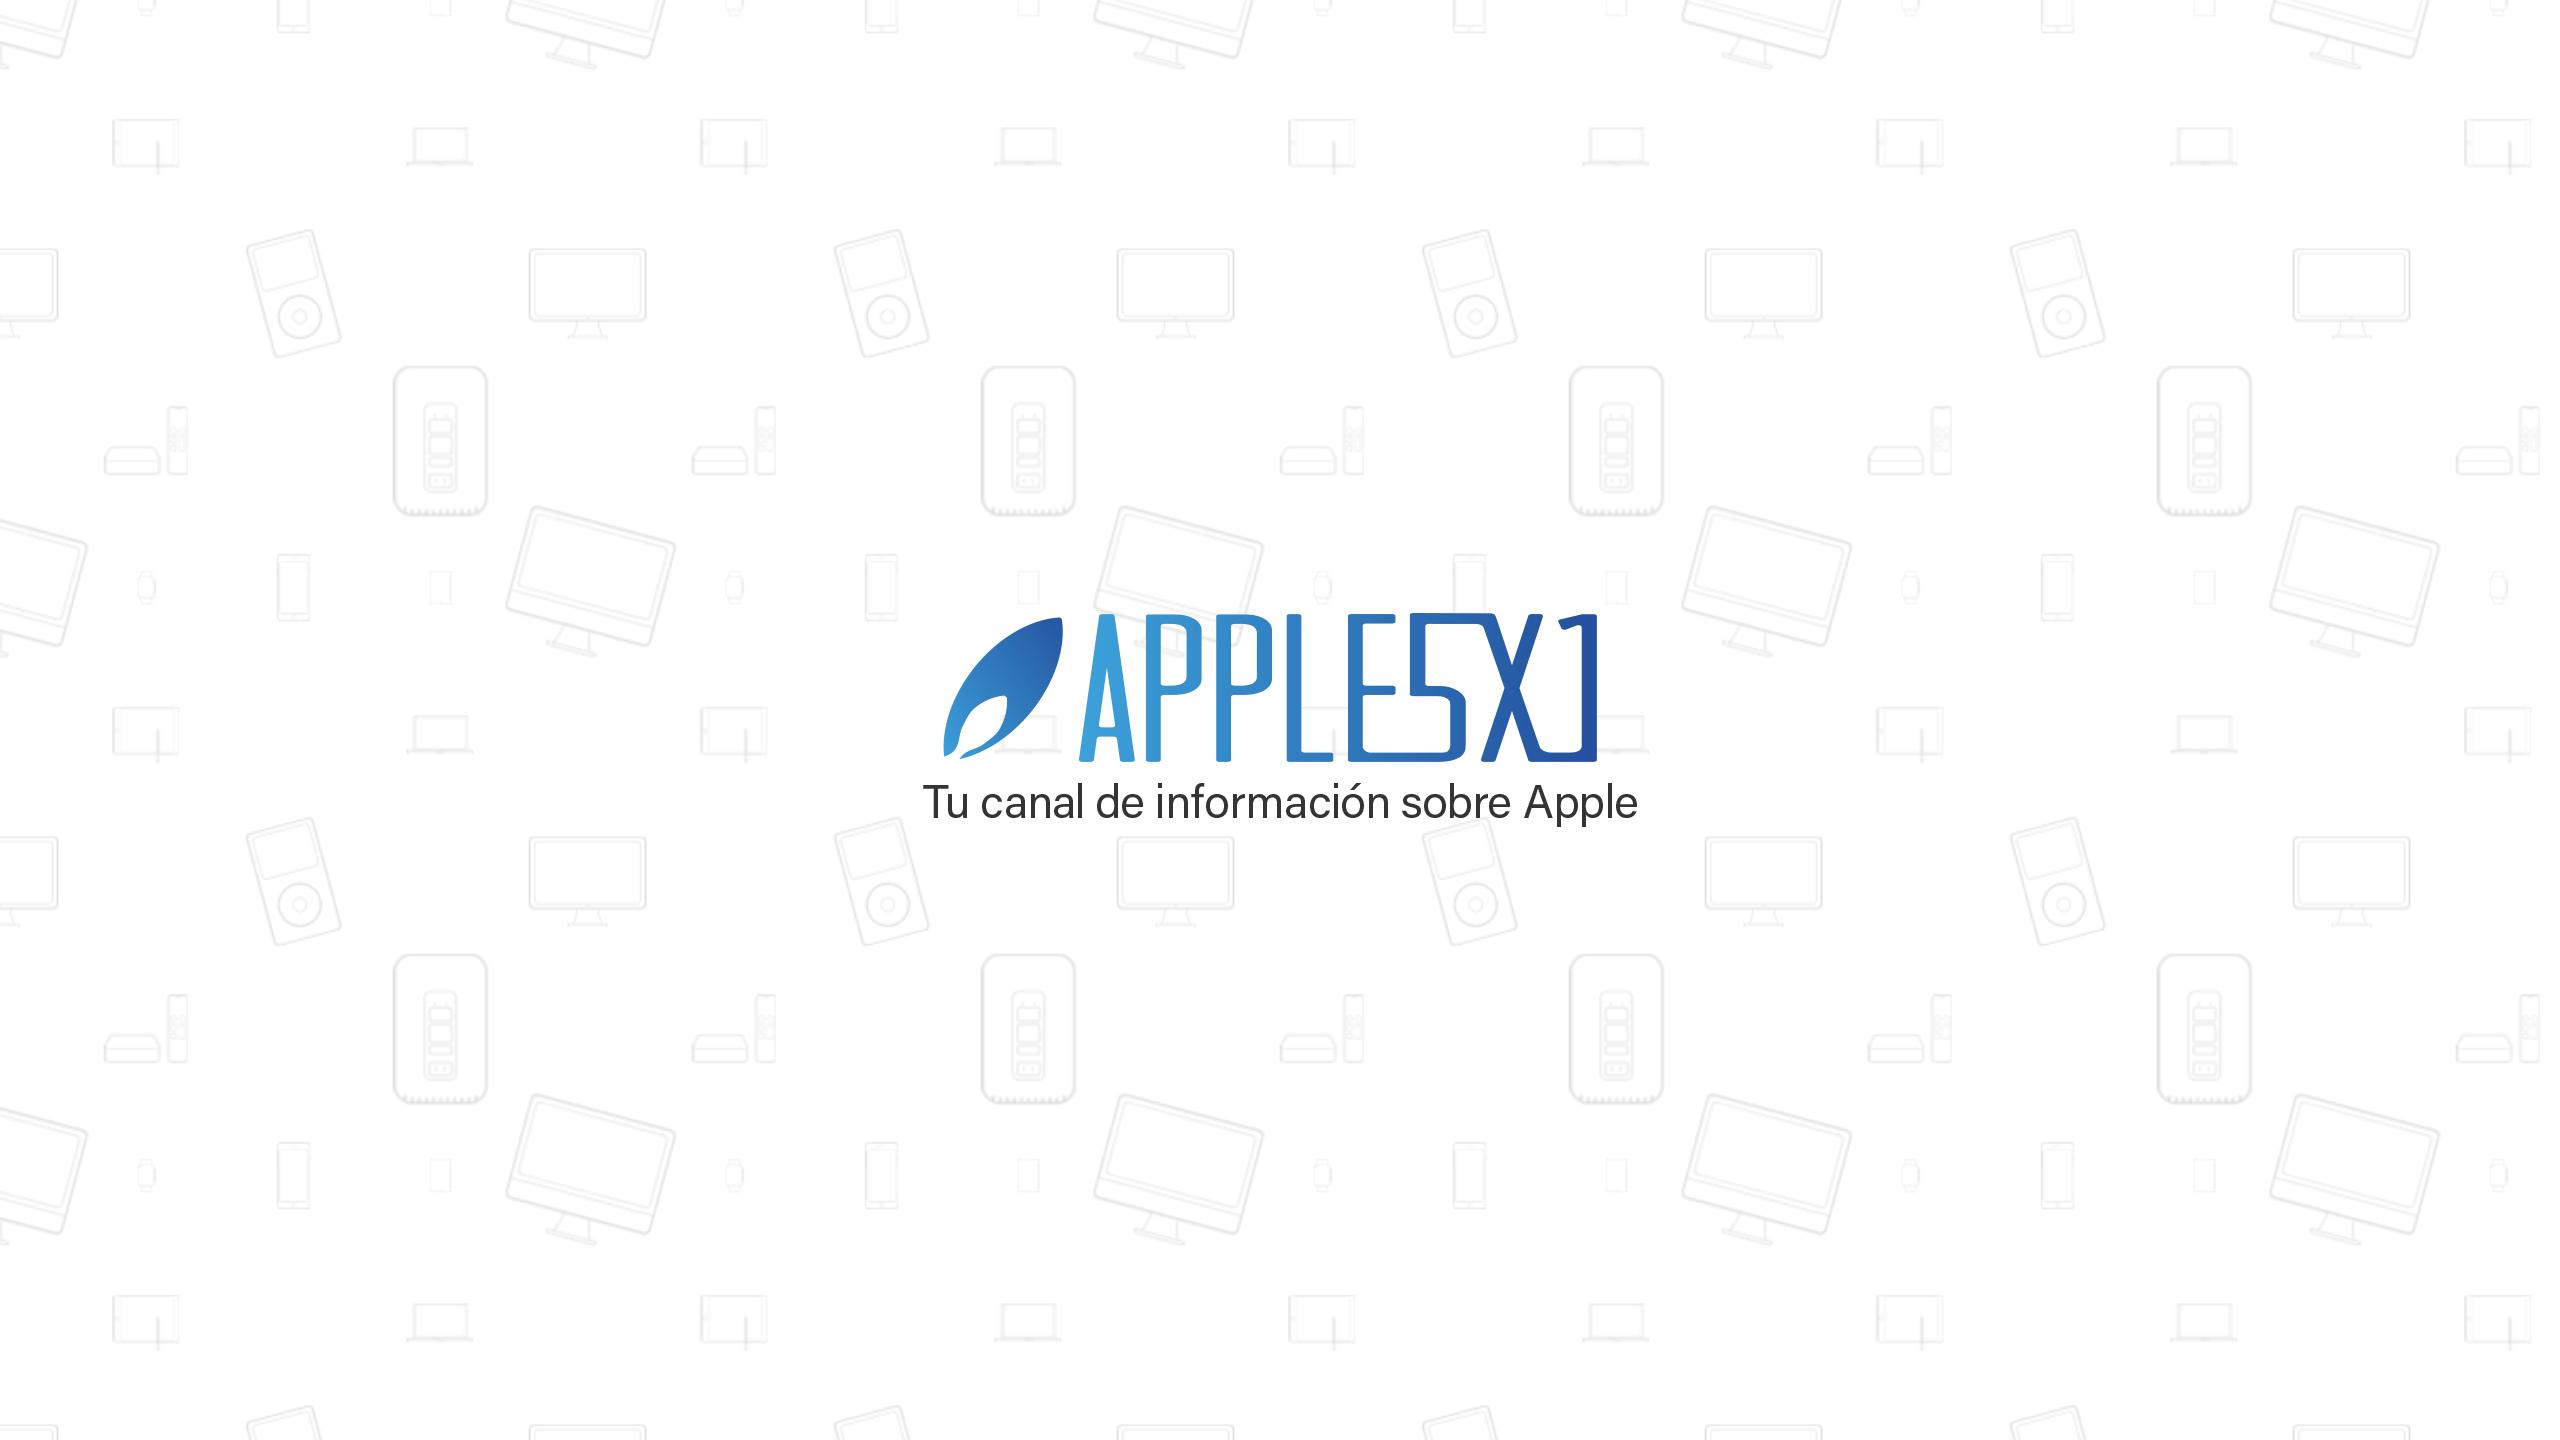 Apple5x1, tu canal de información sobre Apple (banner)